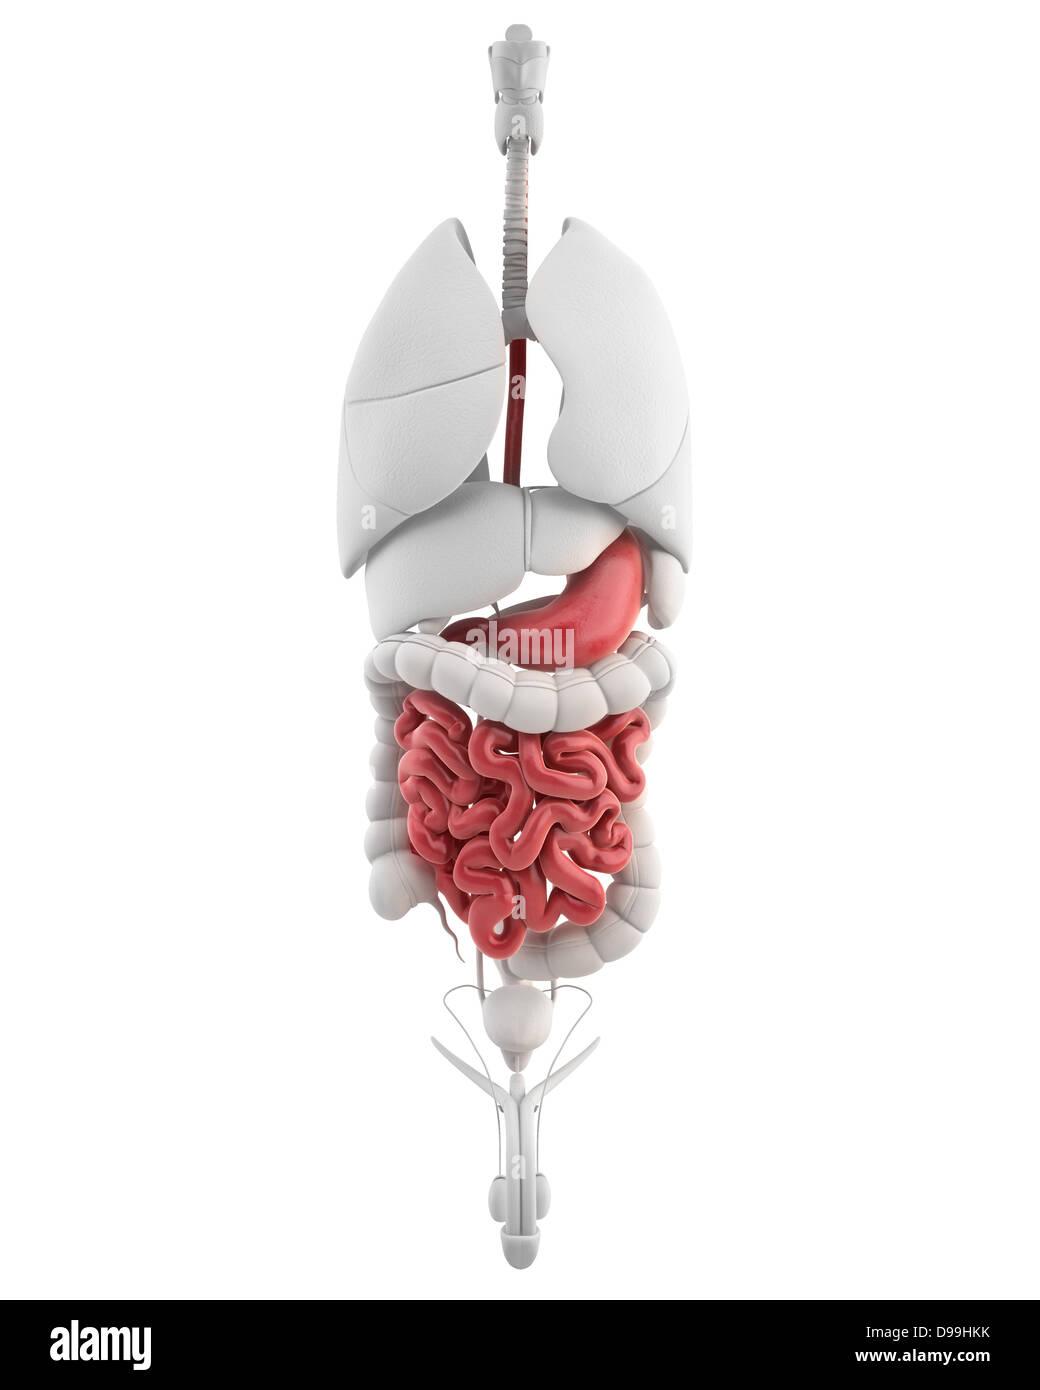 Männchen mit allen inneren Organen Magen Anatomie Stockfoto, Bild ...